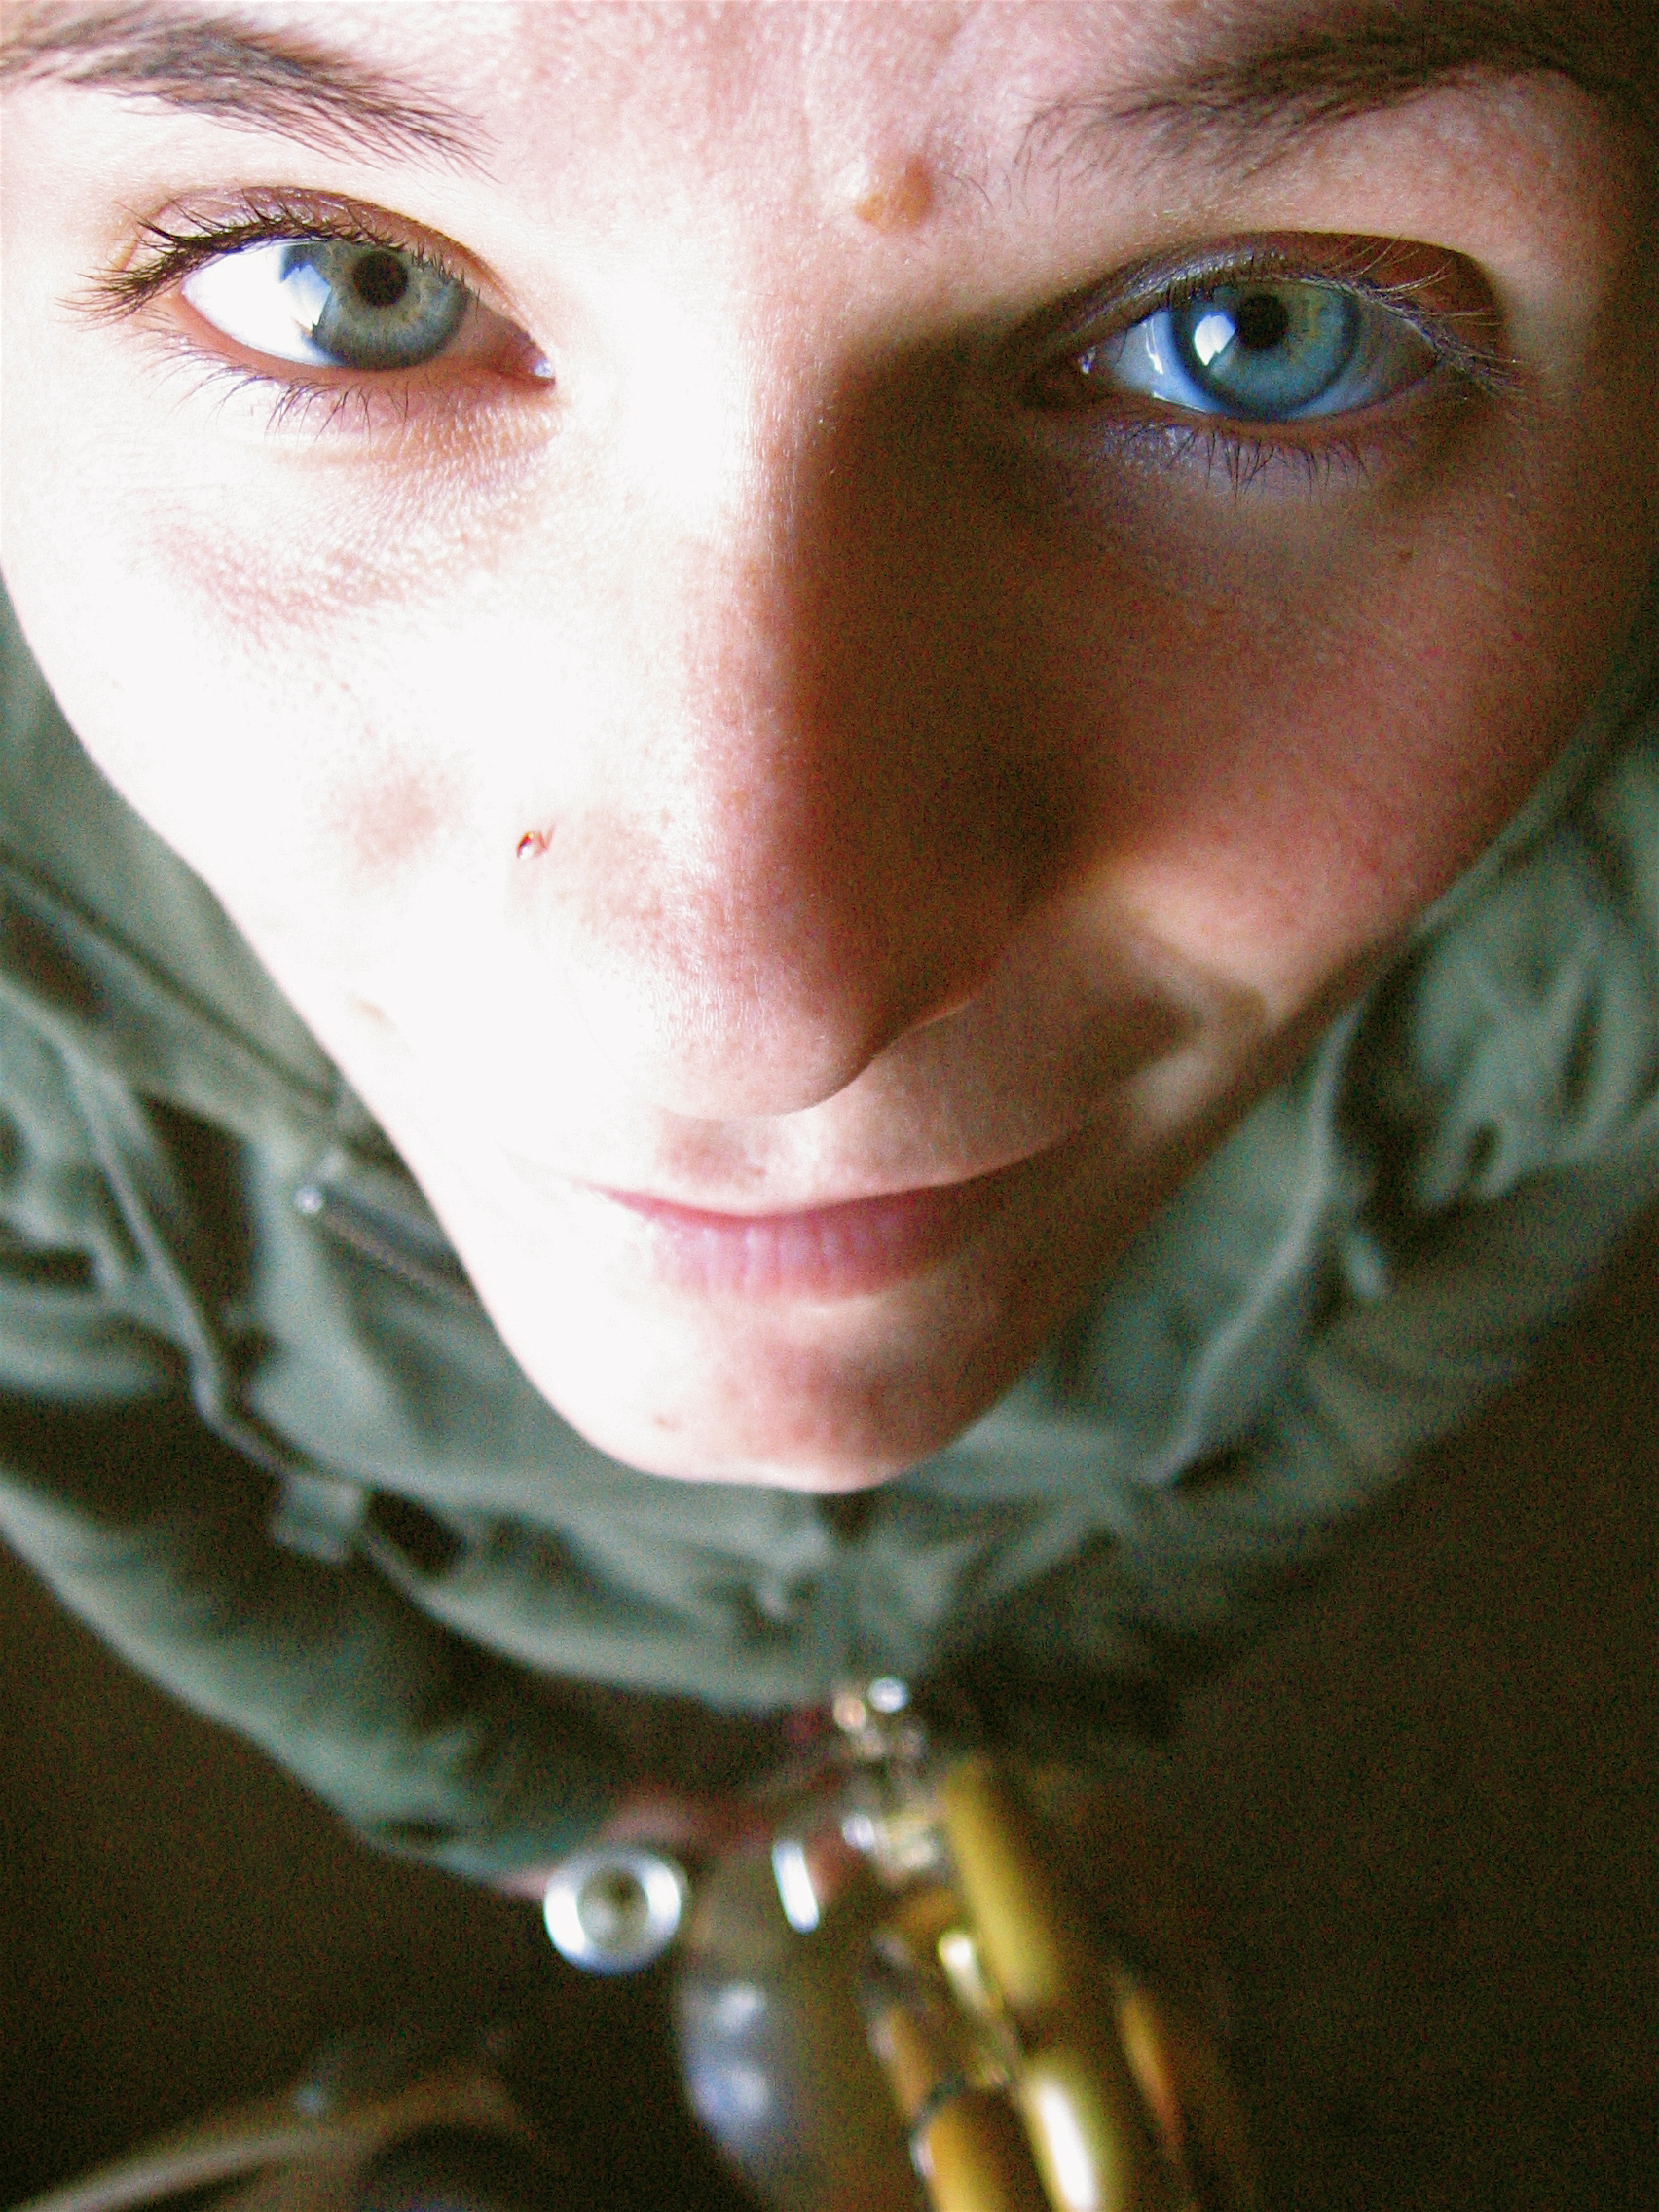 Portrait, Closeup, Eyes, Face, Mouth, HQ Photo